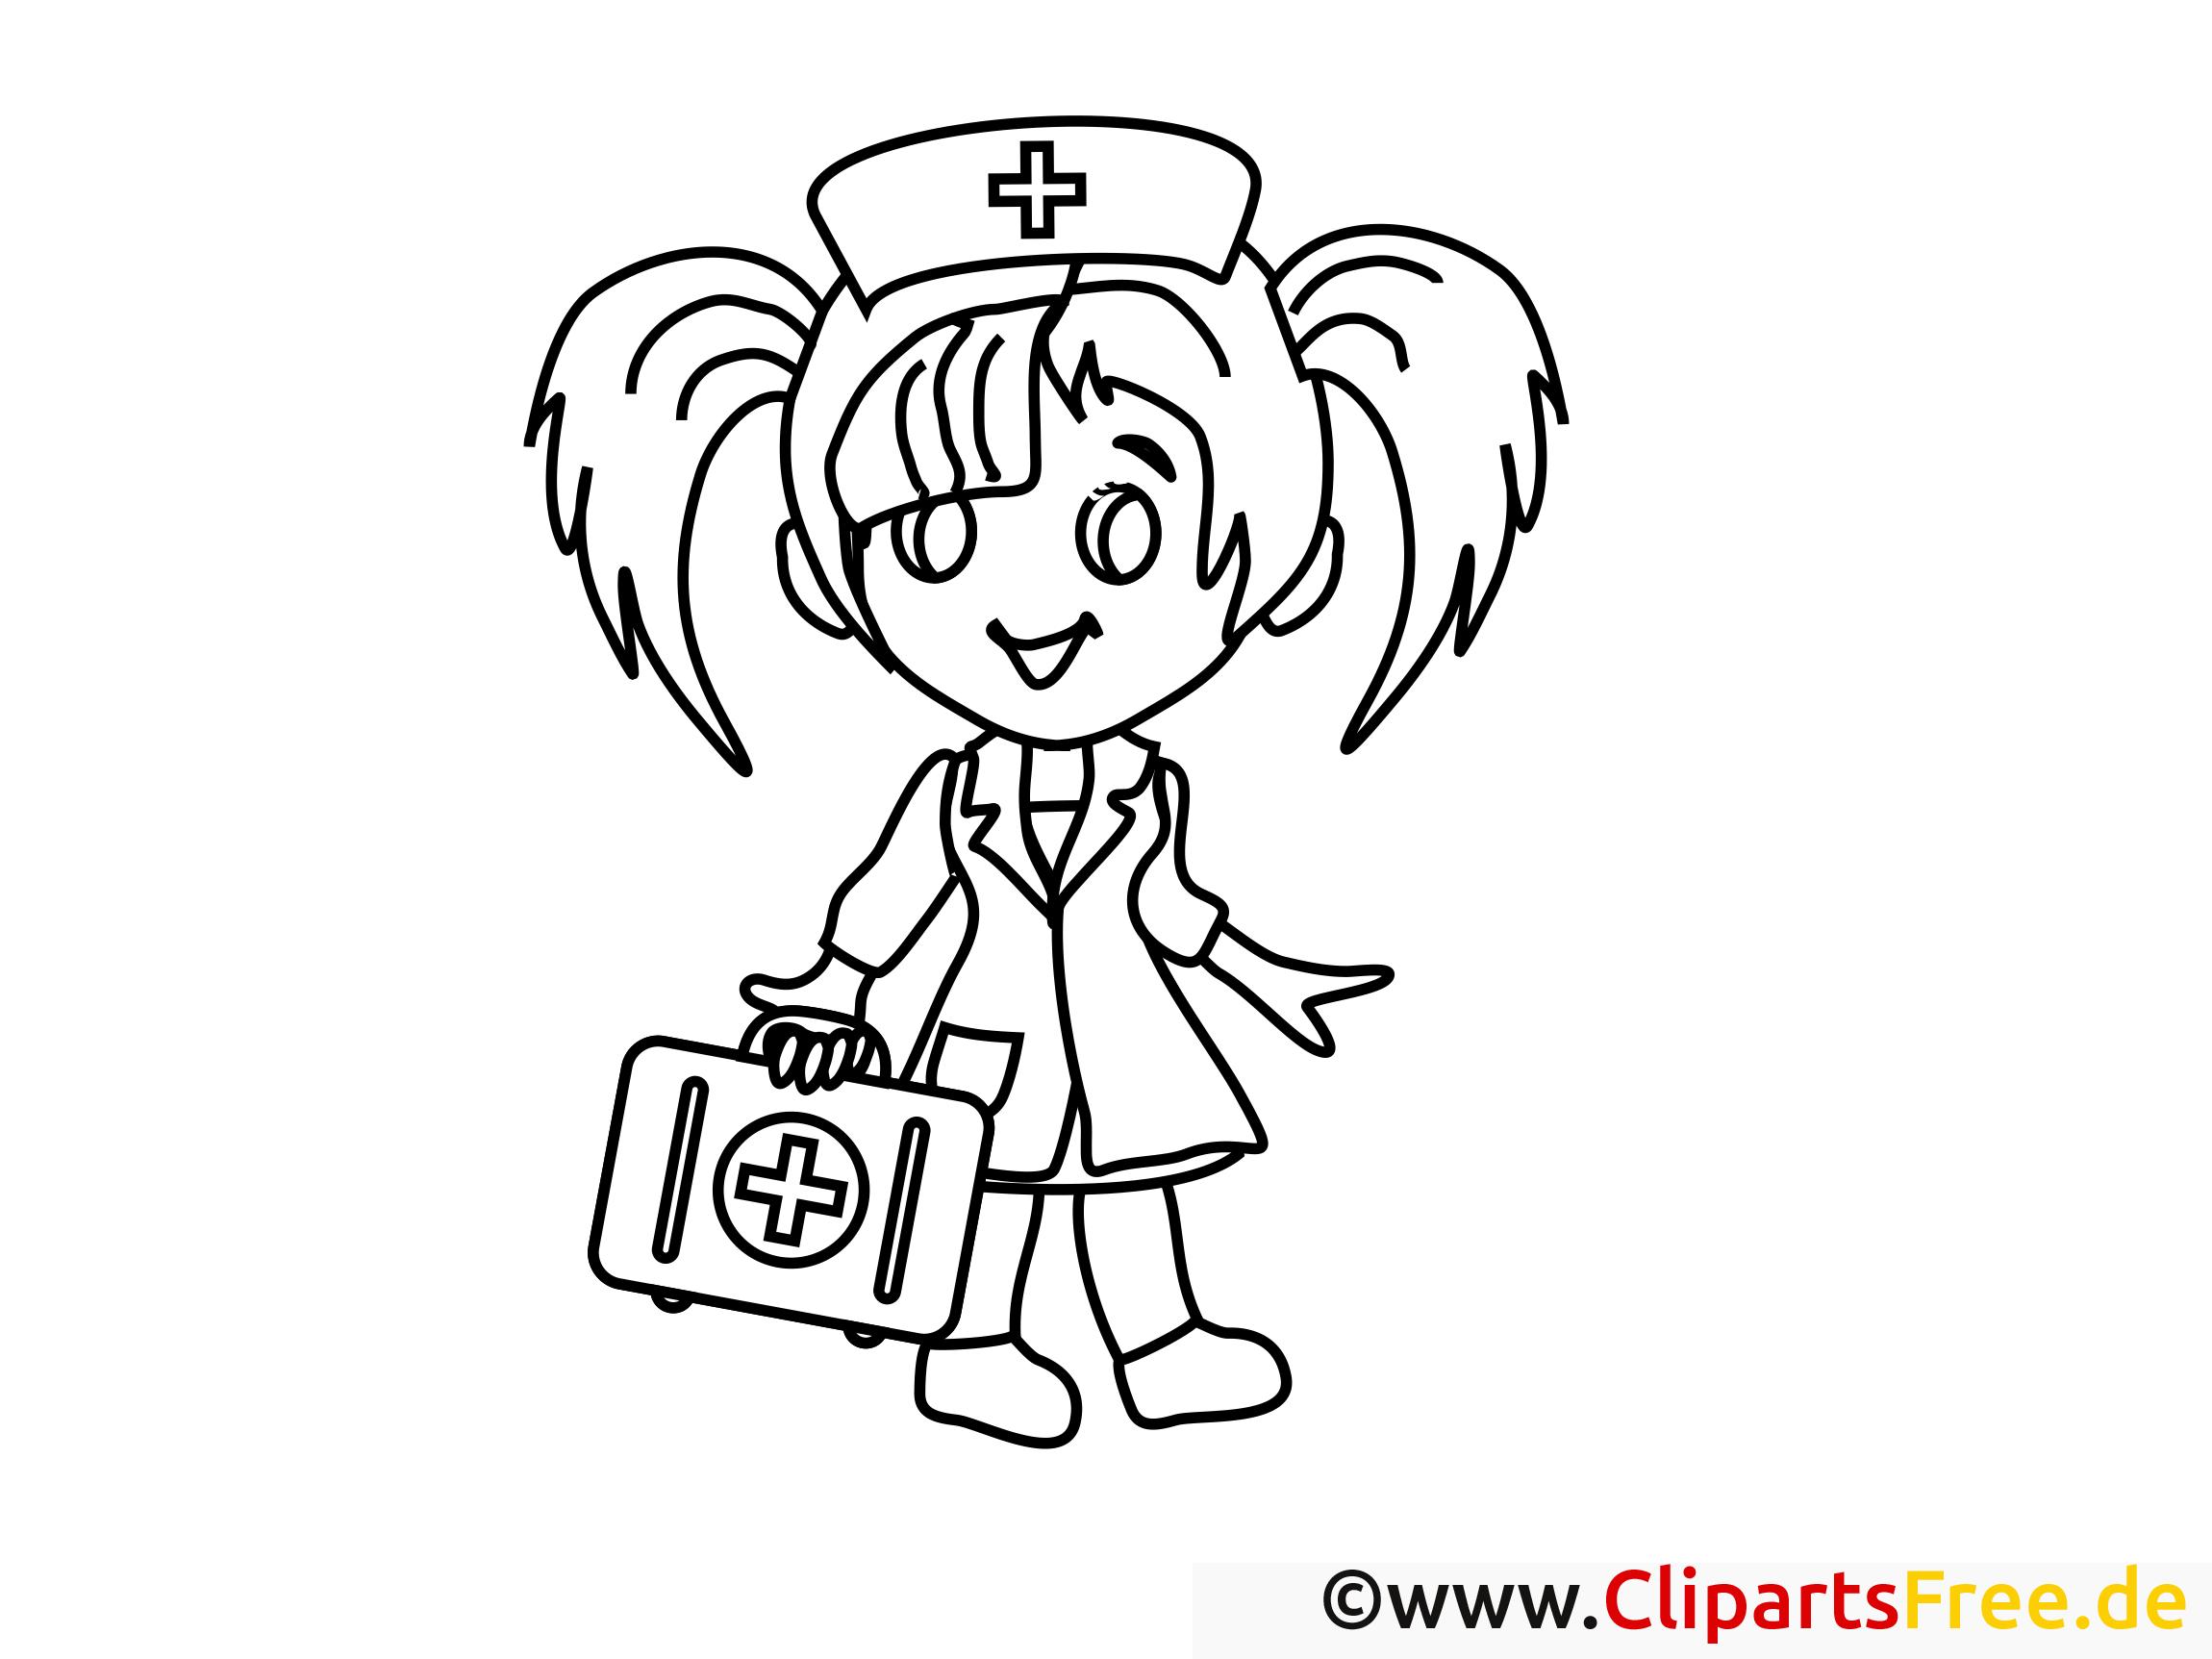 Arzt zum Ausmalen gratis